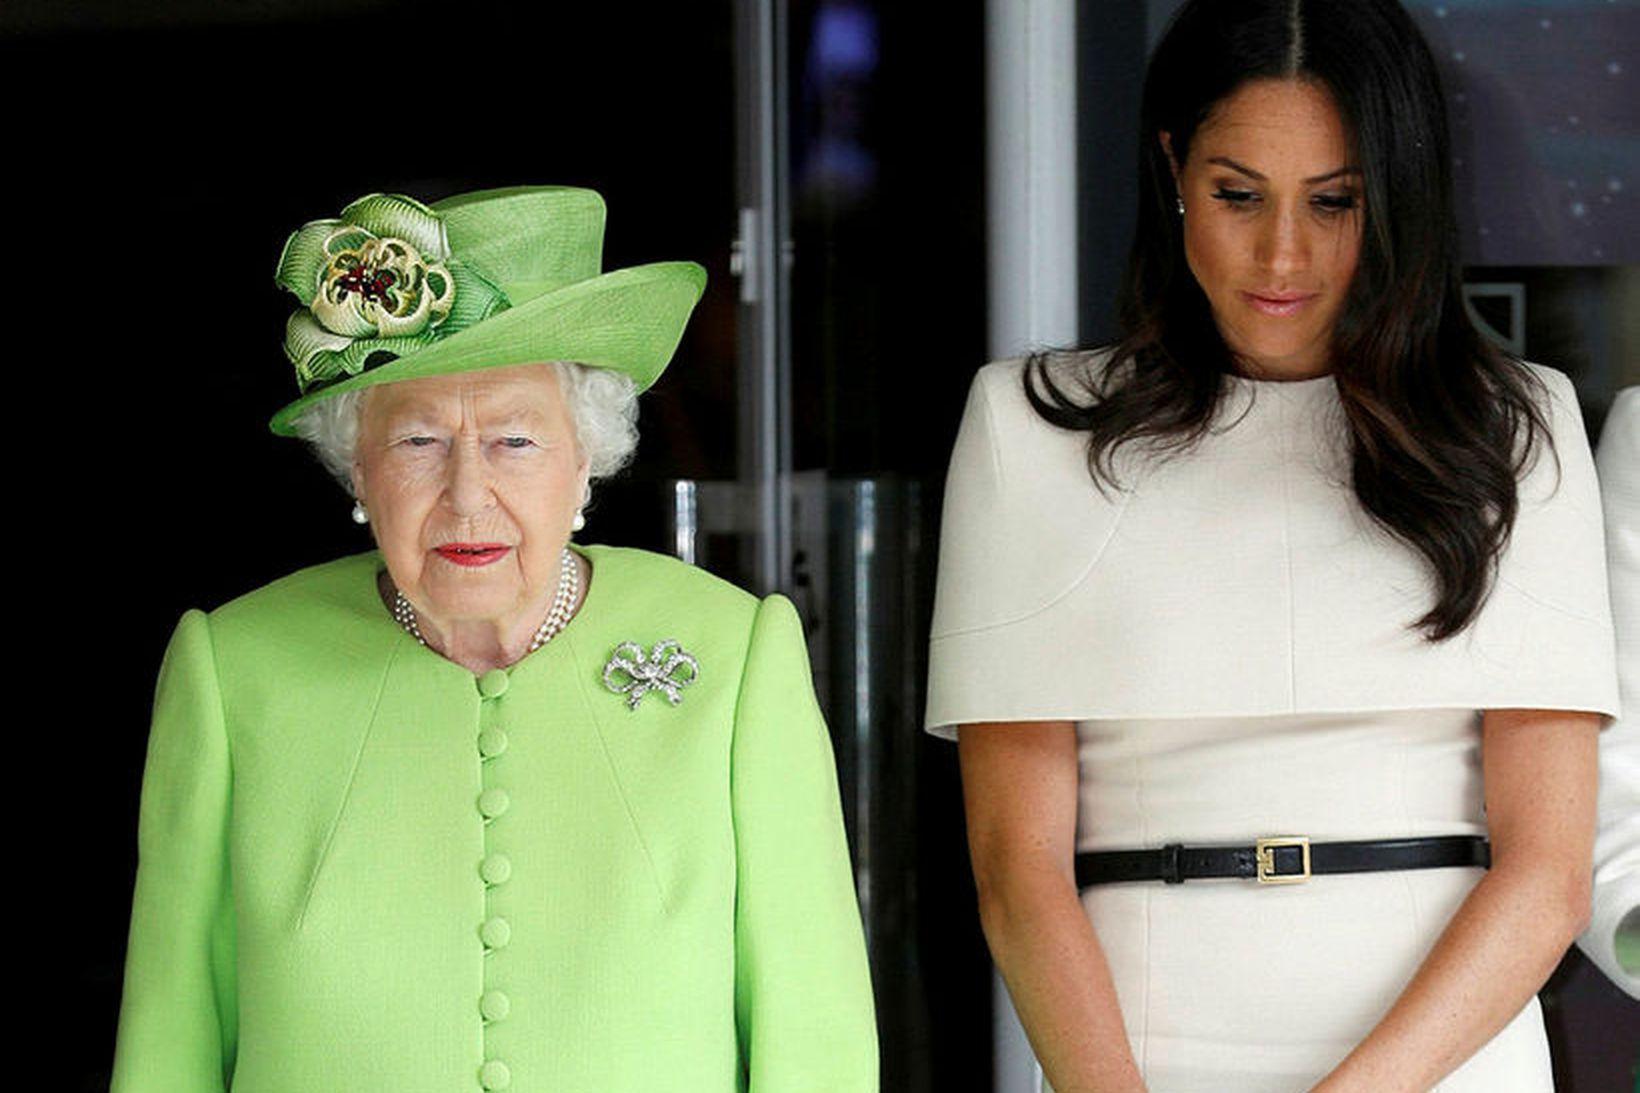 Elísabet ll Bretlandsdrottning og Meghan, hertogaynja af Sussex, kunna að …